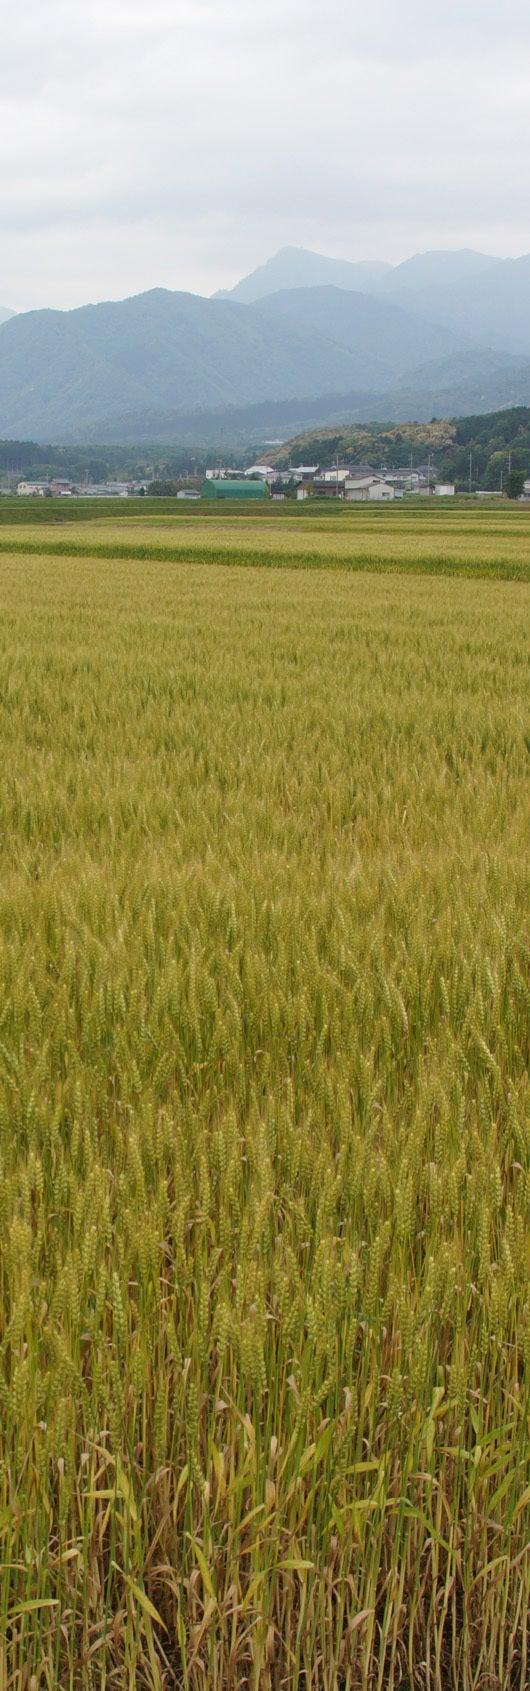 $哲レポート-菰野町の麦畑